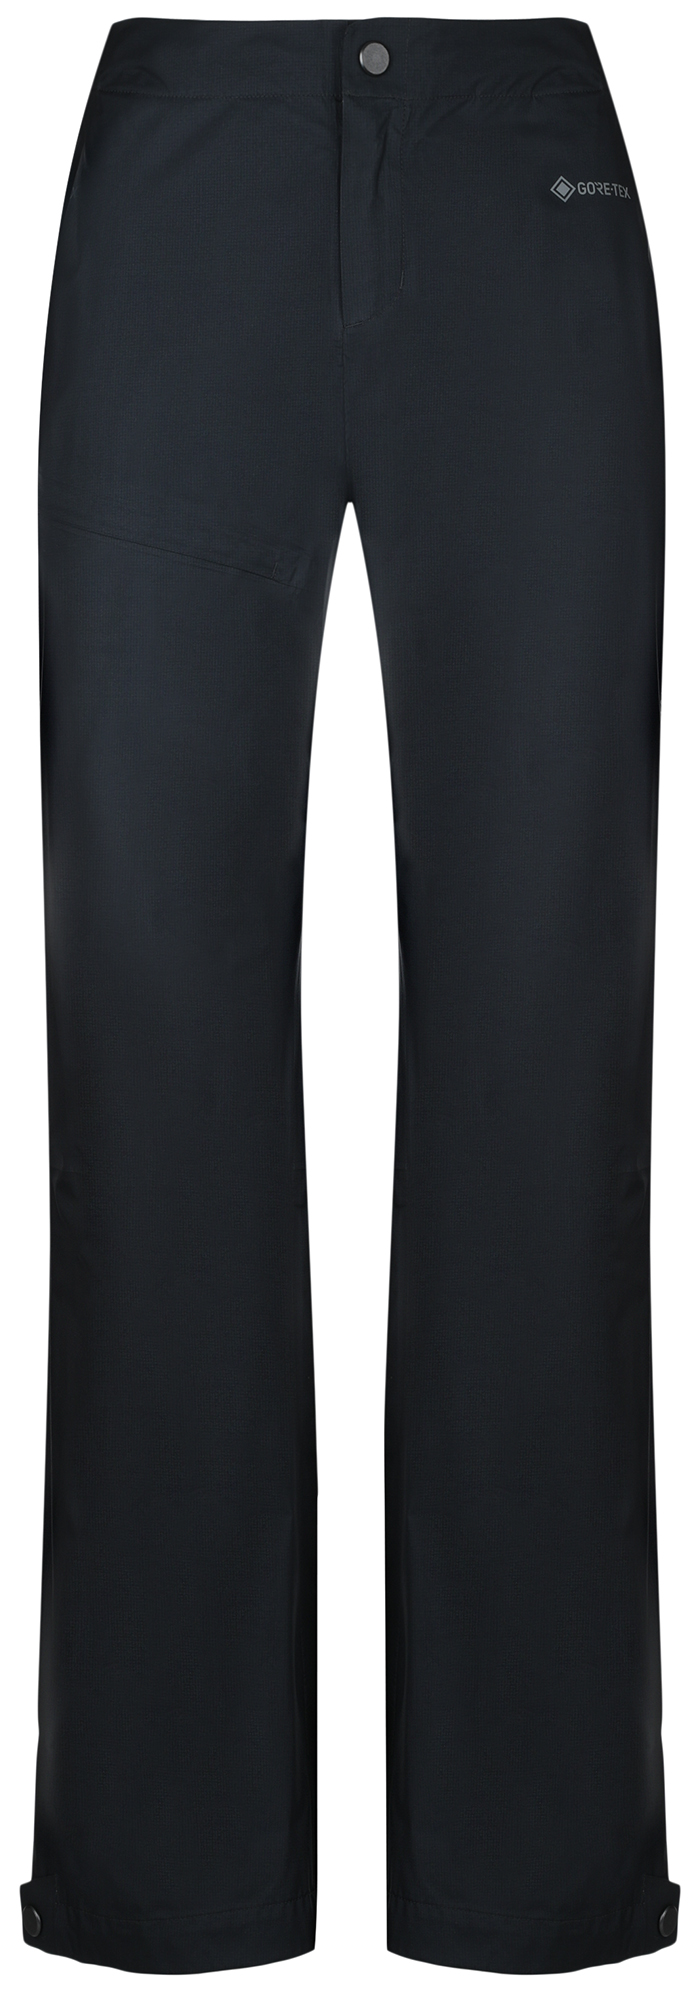 Брюки женские Mountain Hardwear Exposure/2™ Gore-Tex® Paclite Plus, размер 48 mountain hardwear брюки мужские mountain hardwear exposure 2™ gore tex paclite® stretch размер 48